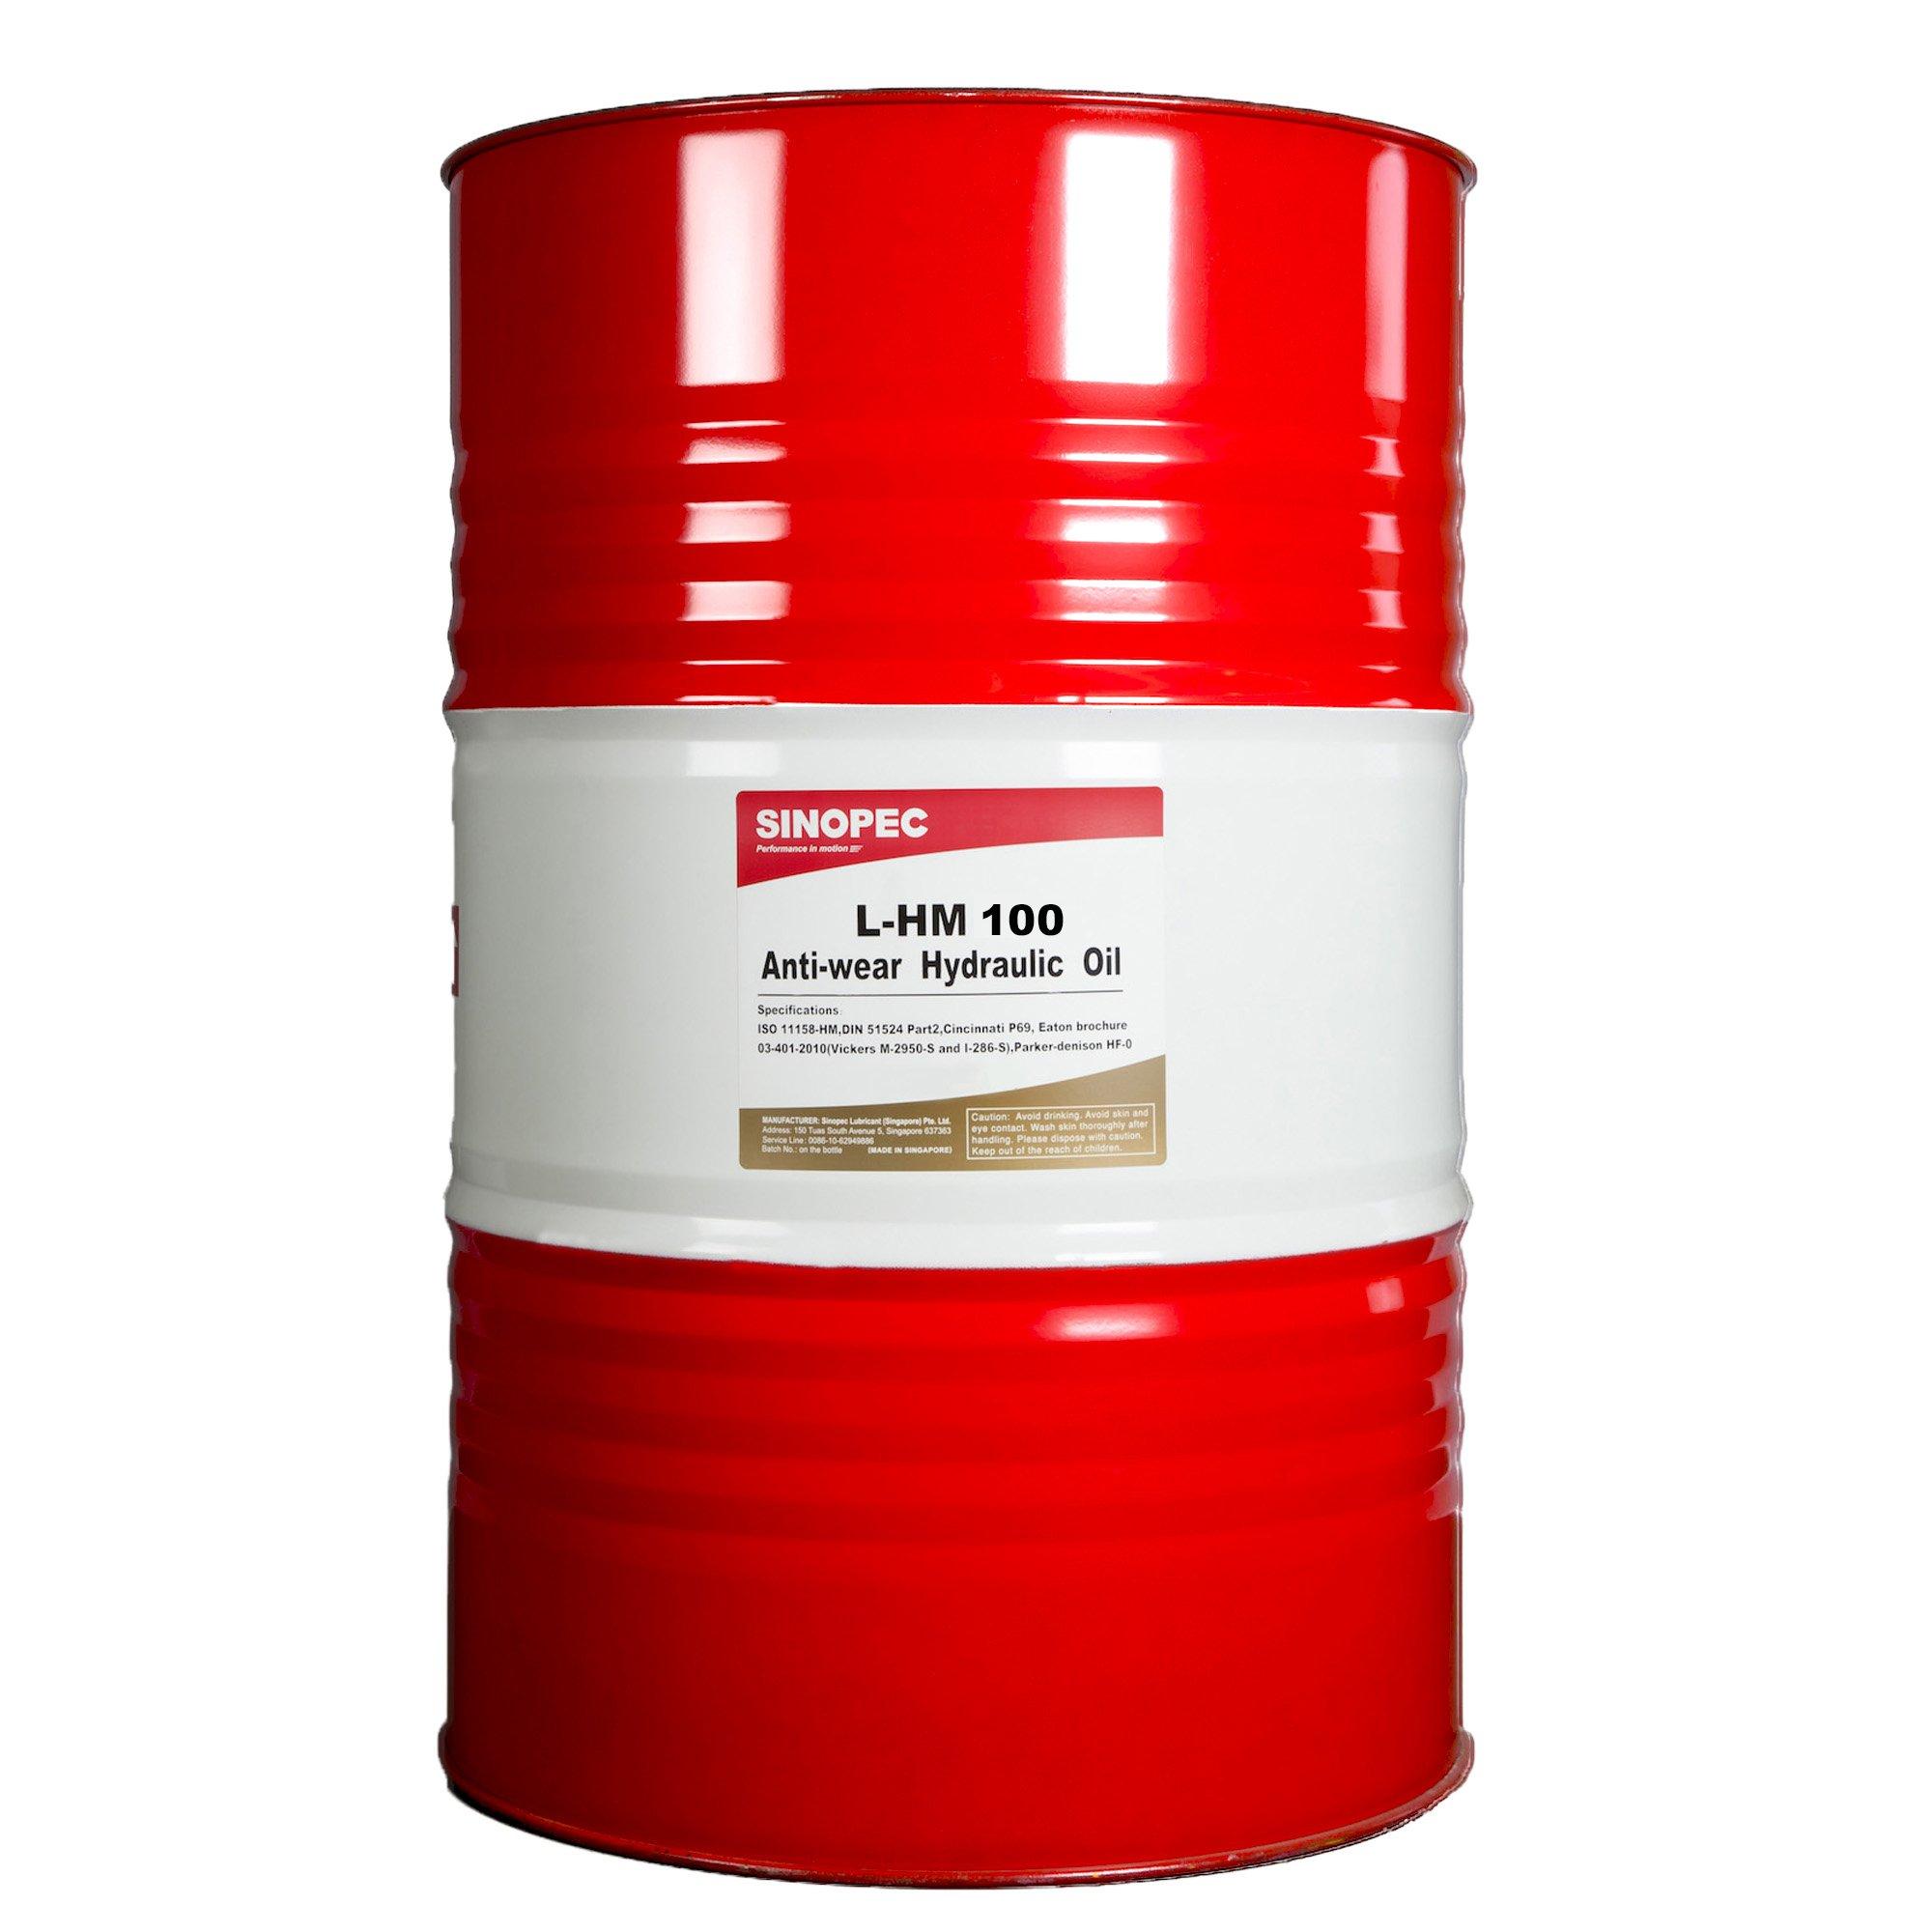 AW100 Anti-wear Hydraulic Oil - 55 Gallon Drum